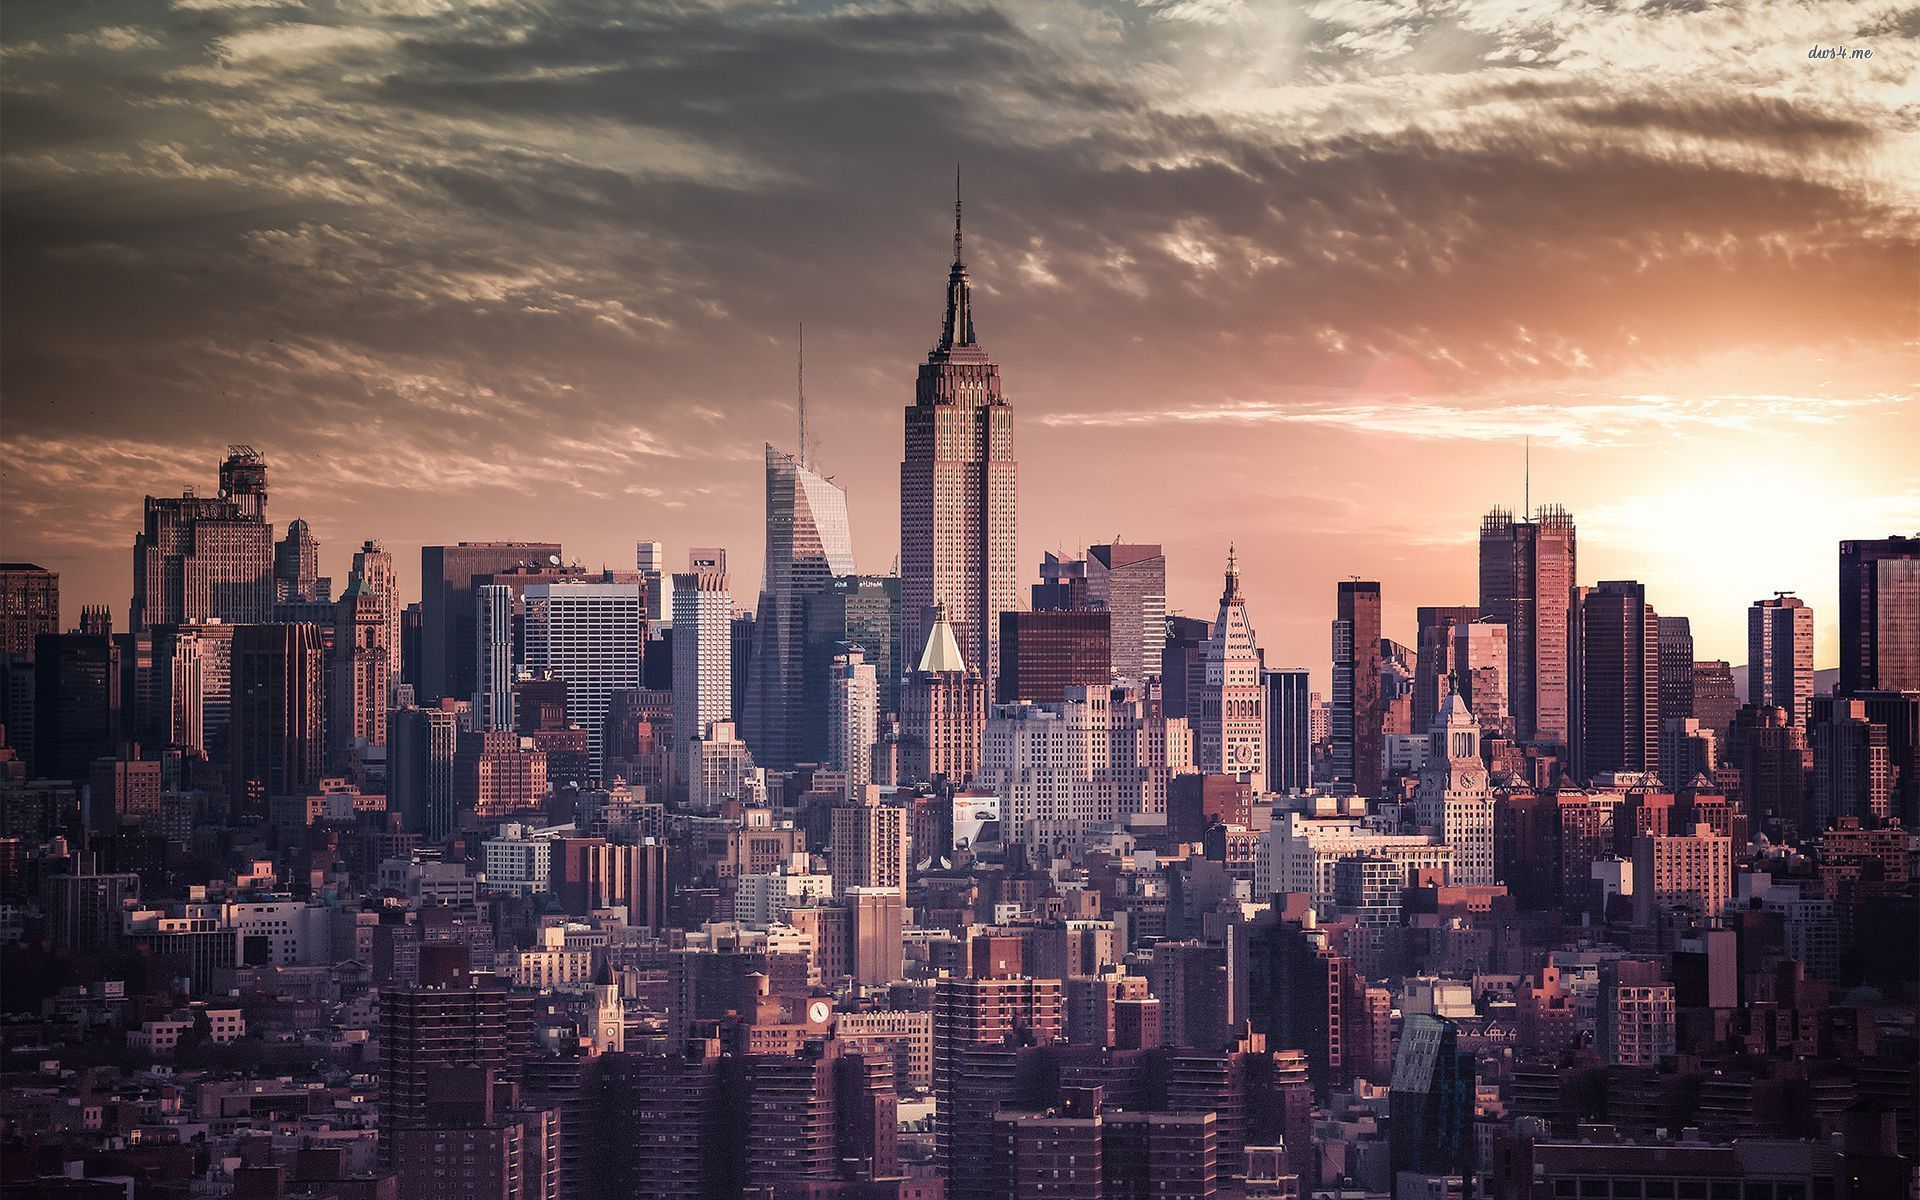 77 New York City Desktop Wallpaper On Wallpapersafari